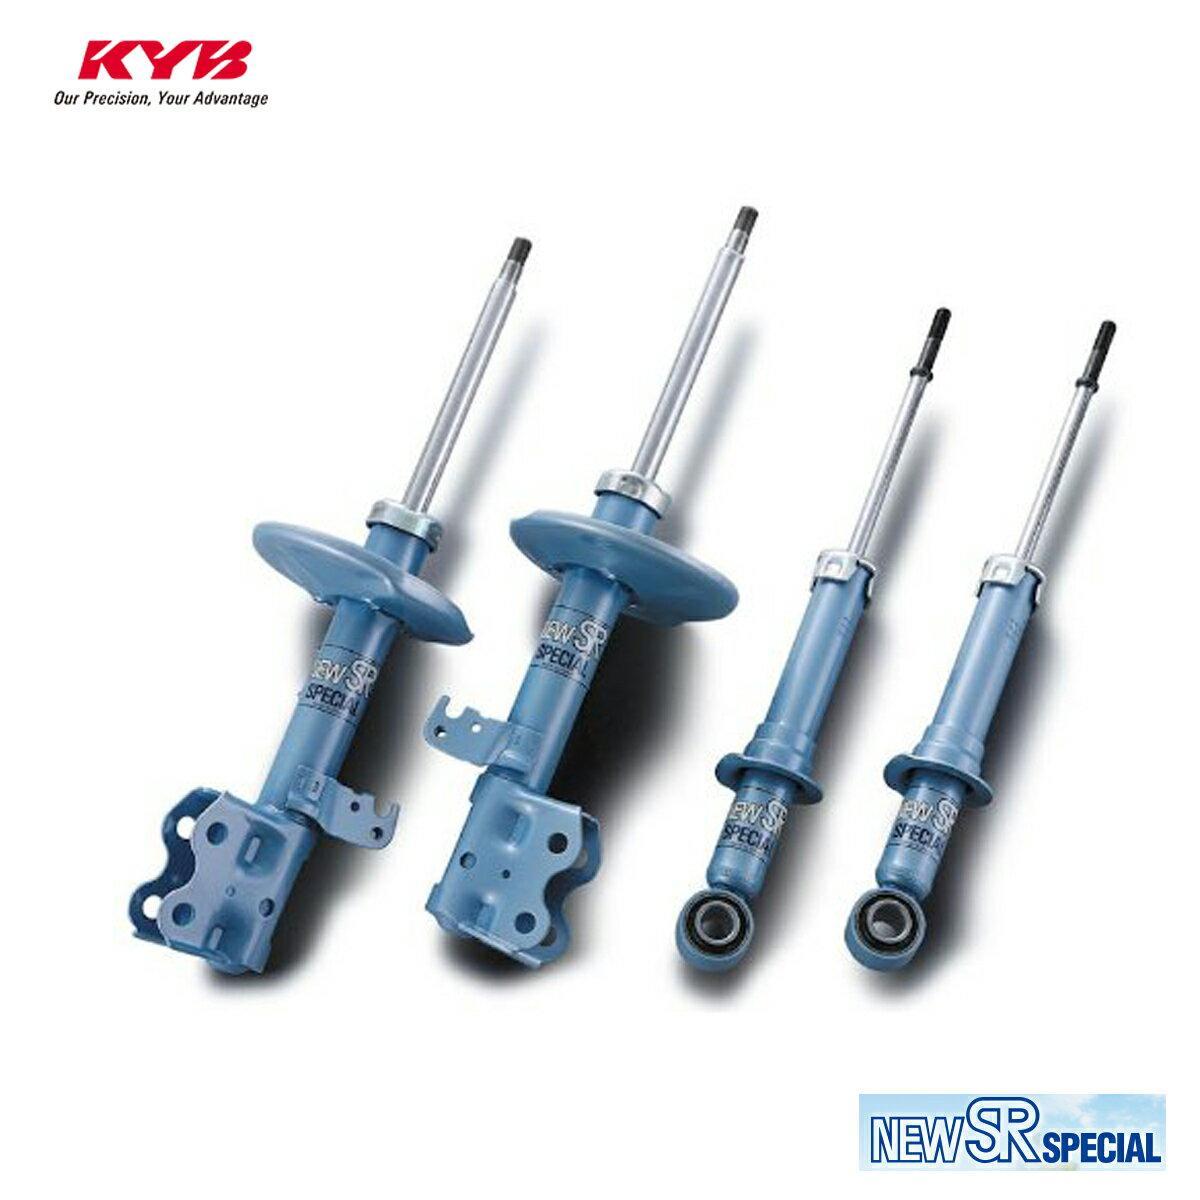 KYB カヤバ ジューク KPS13 ショックアブソーバー フロント 右用 1本 NEW SR SPECIAL NST5104R 配送先条件有り